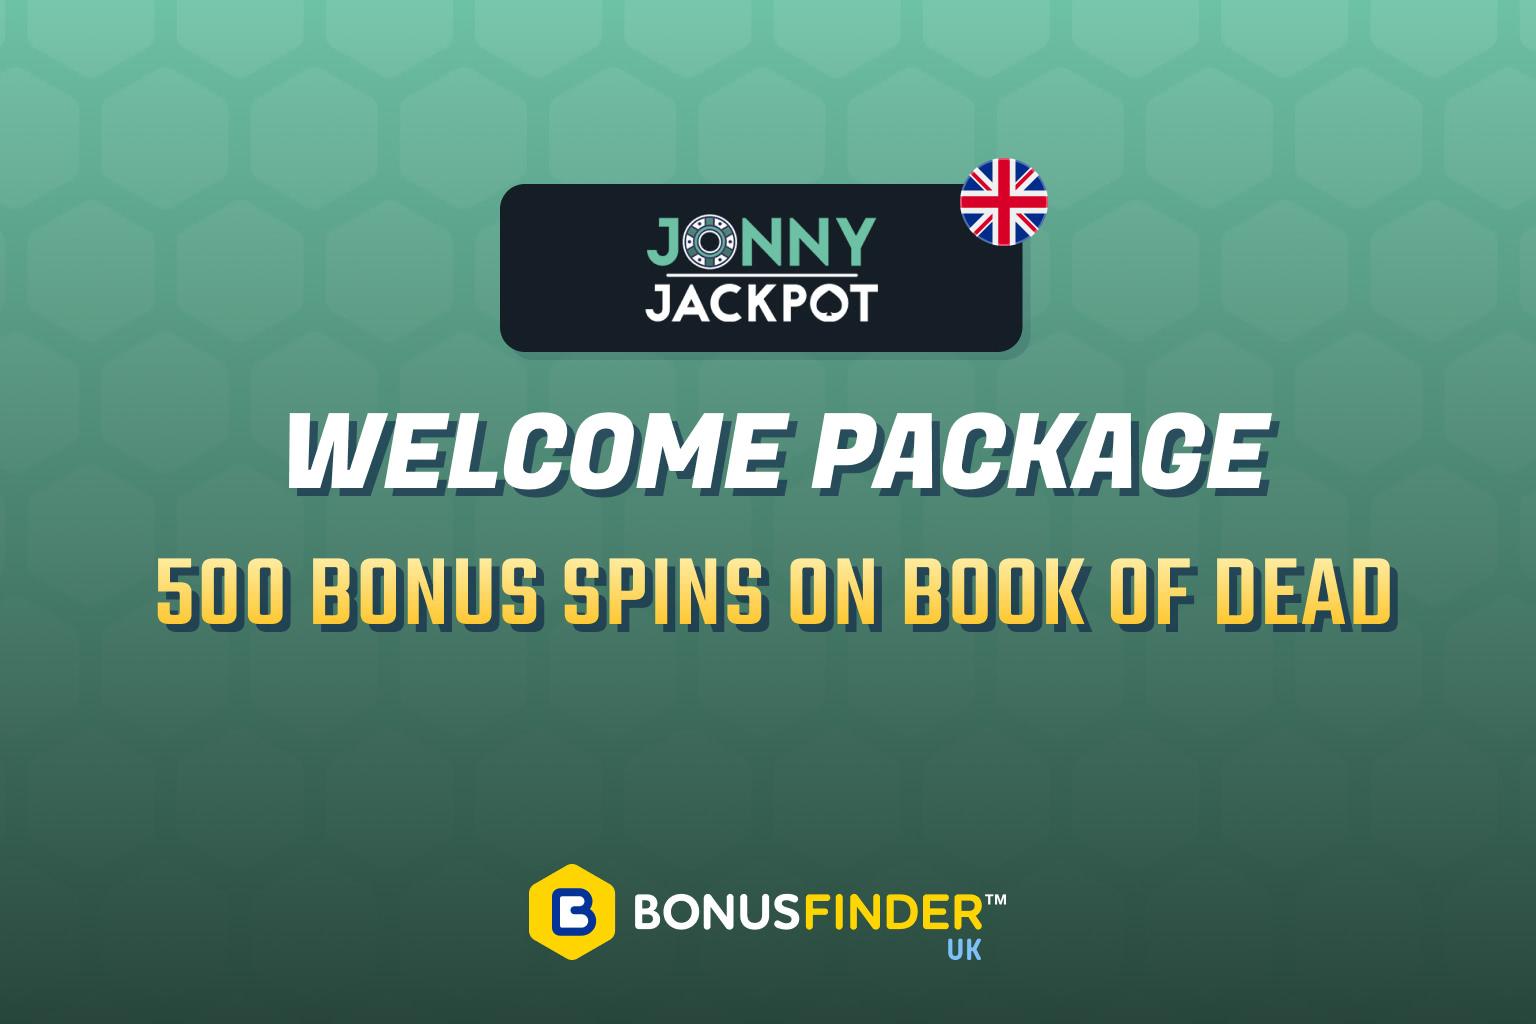 jonny jackpot promotions